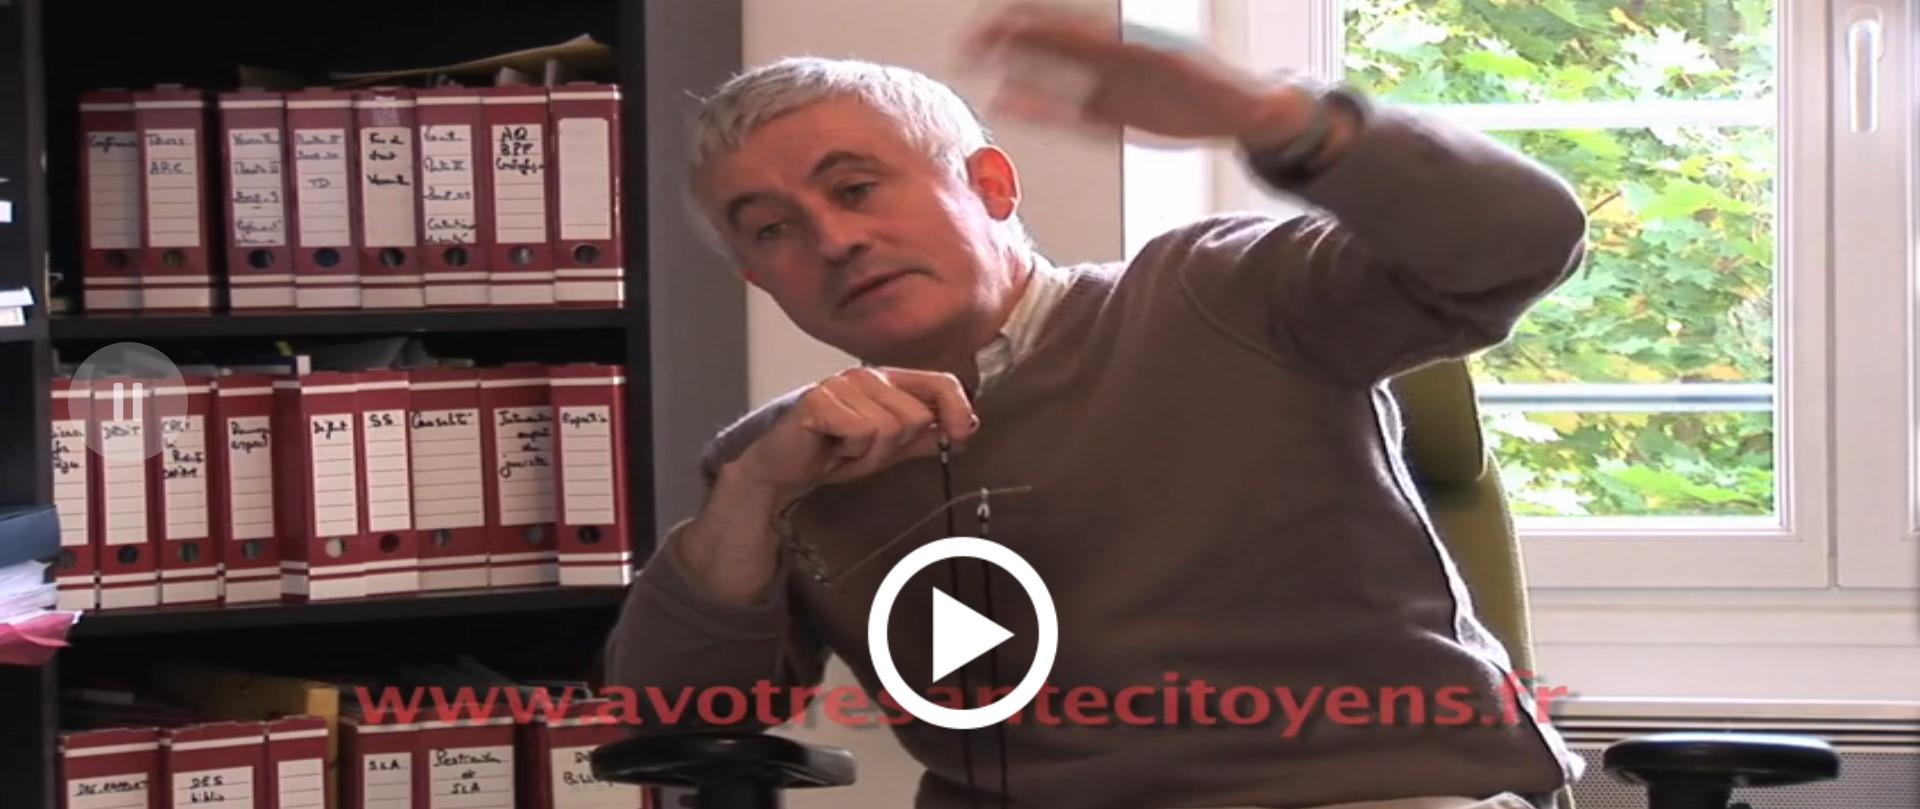 Le choix éthique - Interview Dr Marc Girard - avotresantecitoyens.fr